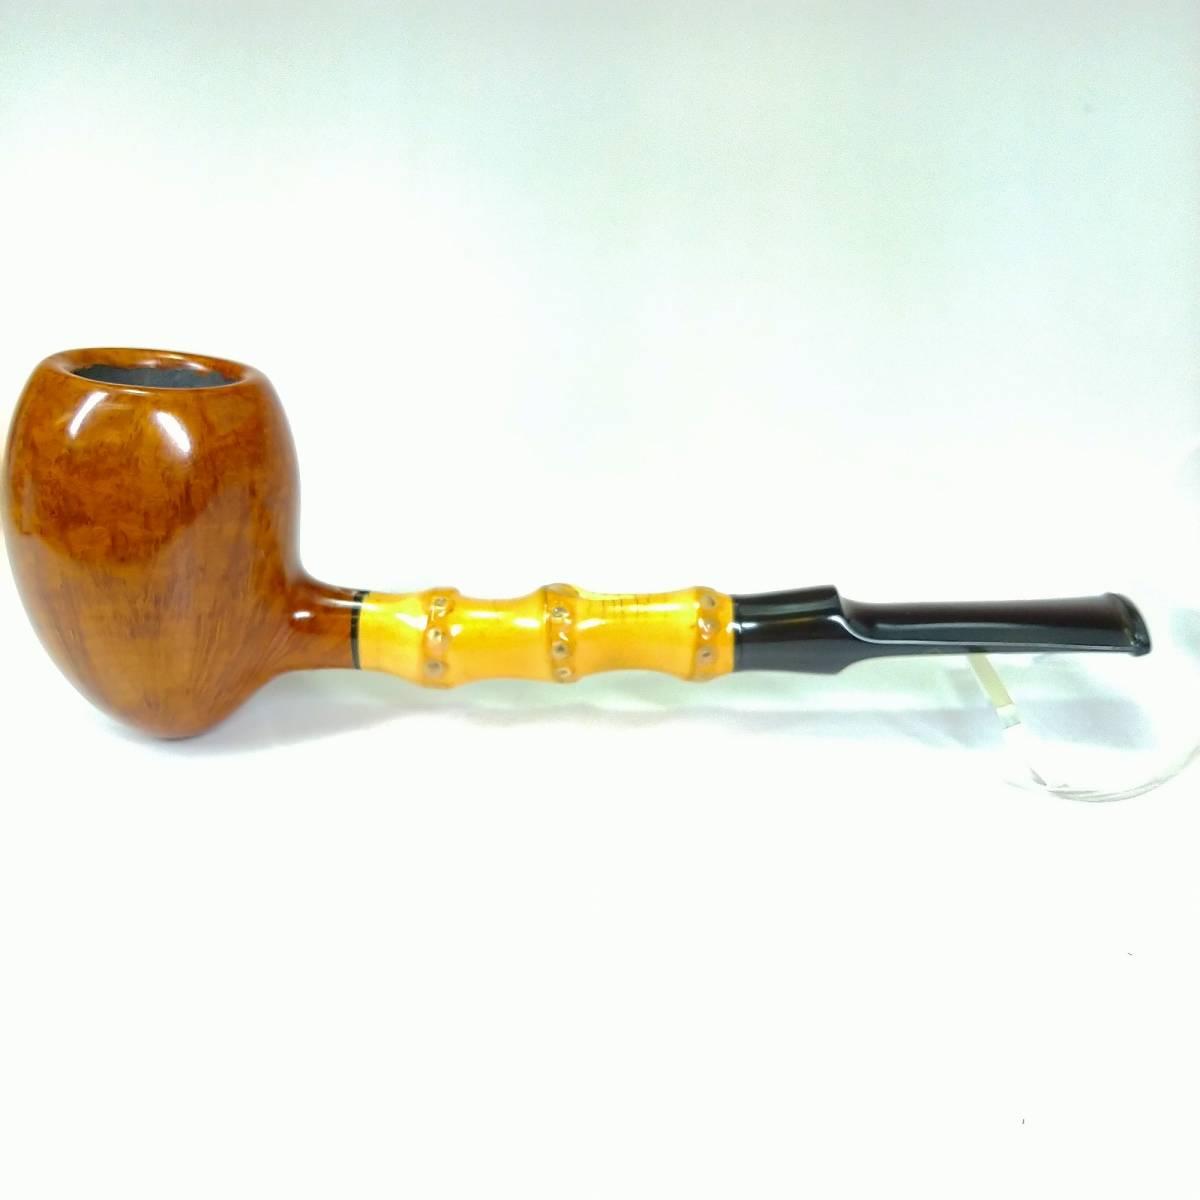 【送料無料・新品】ハンドメイド ツゲ(TSUGE) イケバナ 175/00 grade:H パイプ 喫煙具